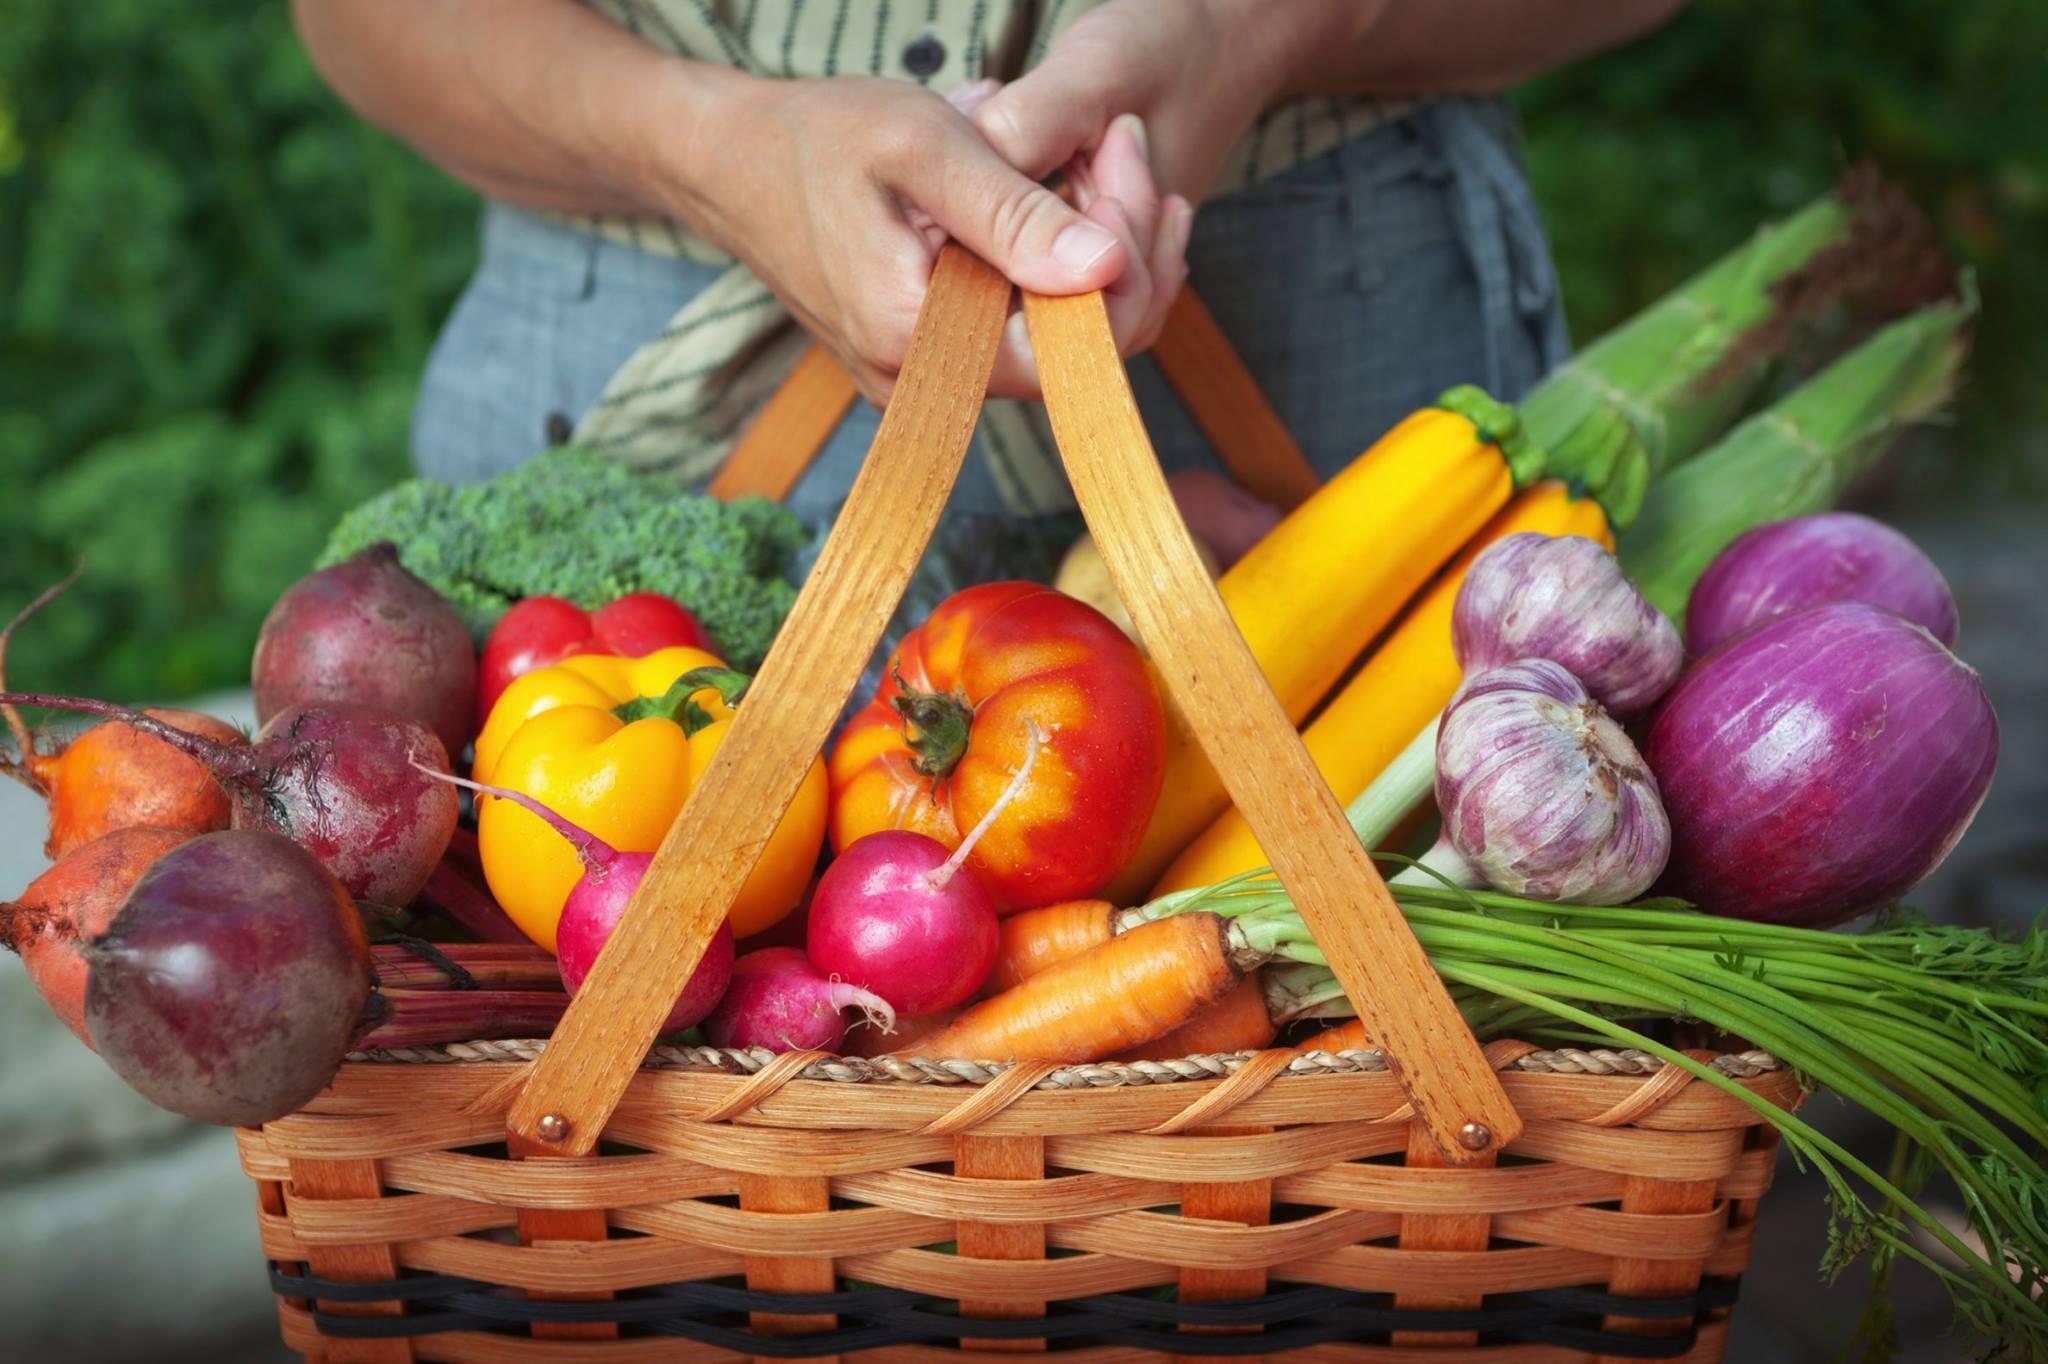 Empresário cria crowdfounding para vender orgânicos a preços justos